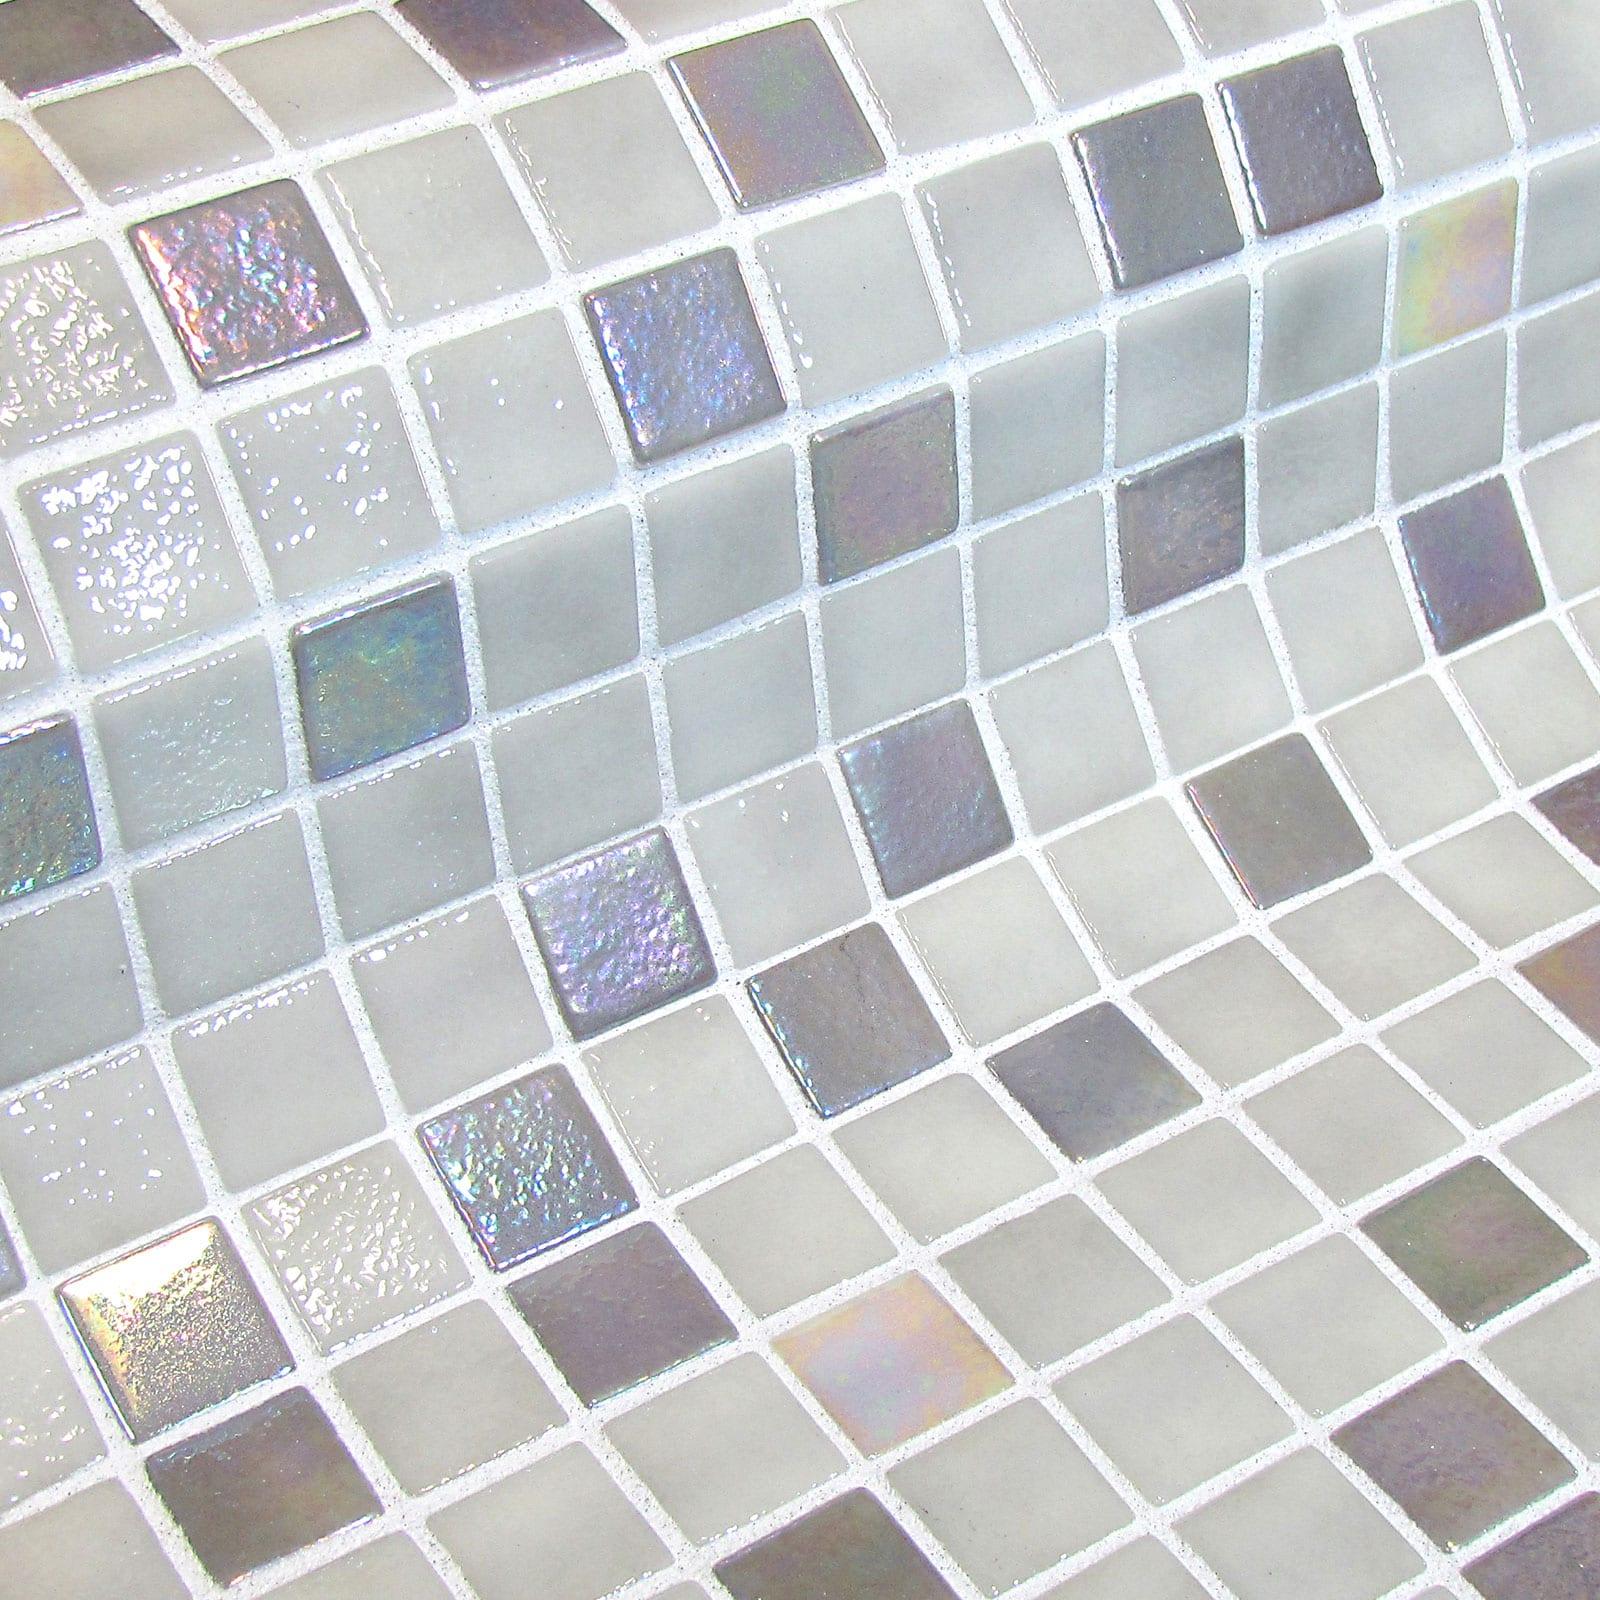 Serpens-Fosfo-Mosaic-Ezarri.jpg